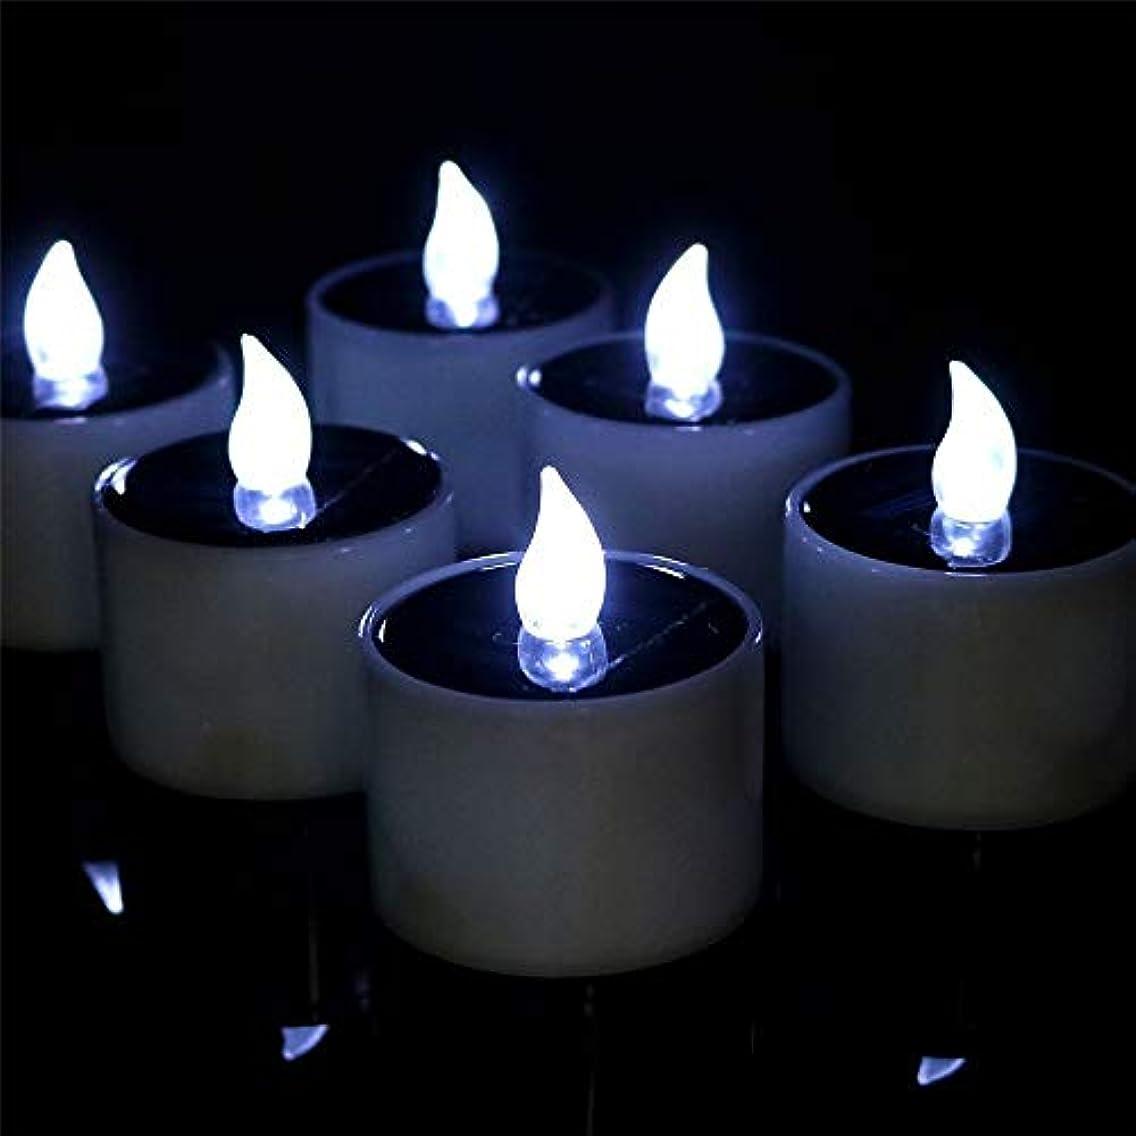 適応豆腐フローフレームレスキャンドル LEDの蝋燭ライト、6PCSは結婚式の誕生日教会党のためのFlameless LEDの蝋燭ライトを作動させました ハロウィーンの装飾用ライト (色 : Cool white flash)